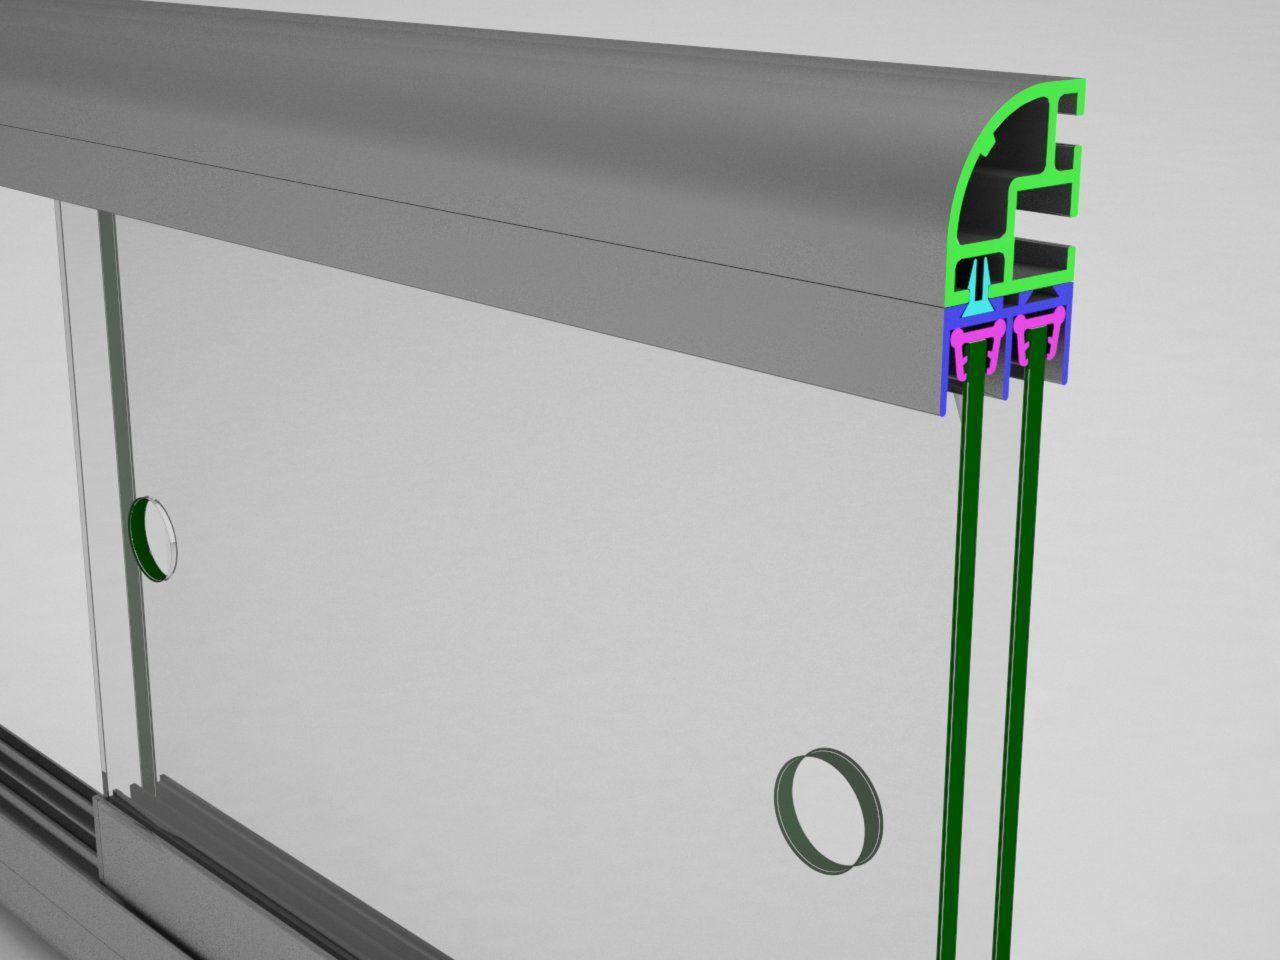 V326 Pedrosa Sistema De Perfis Modulares Estruturas De Alumínio Para Stands Displays Vitrines E Outros Equi Displays Portas De Correr Internas Aluminio